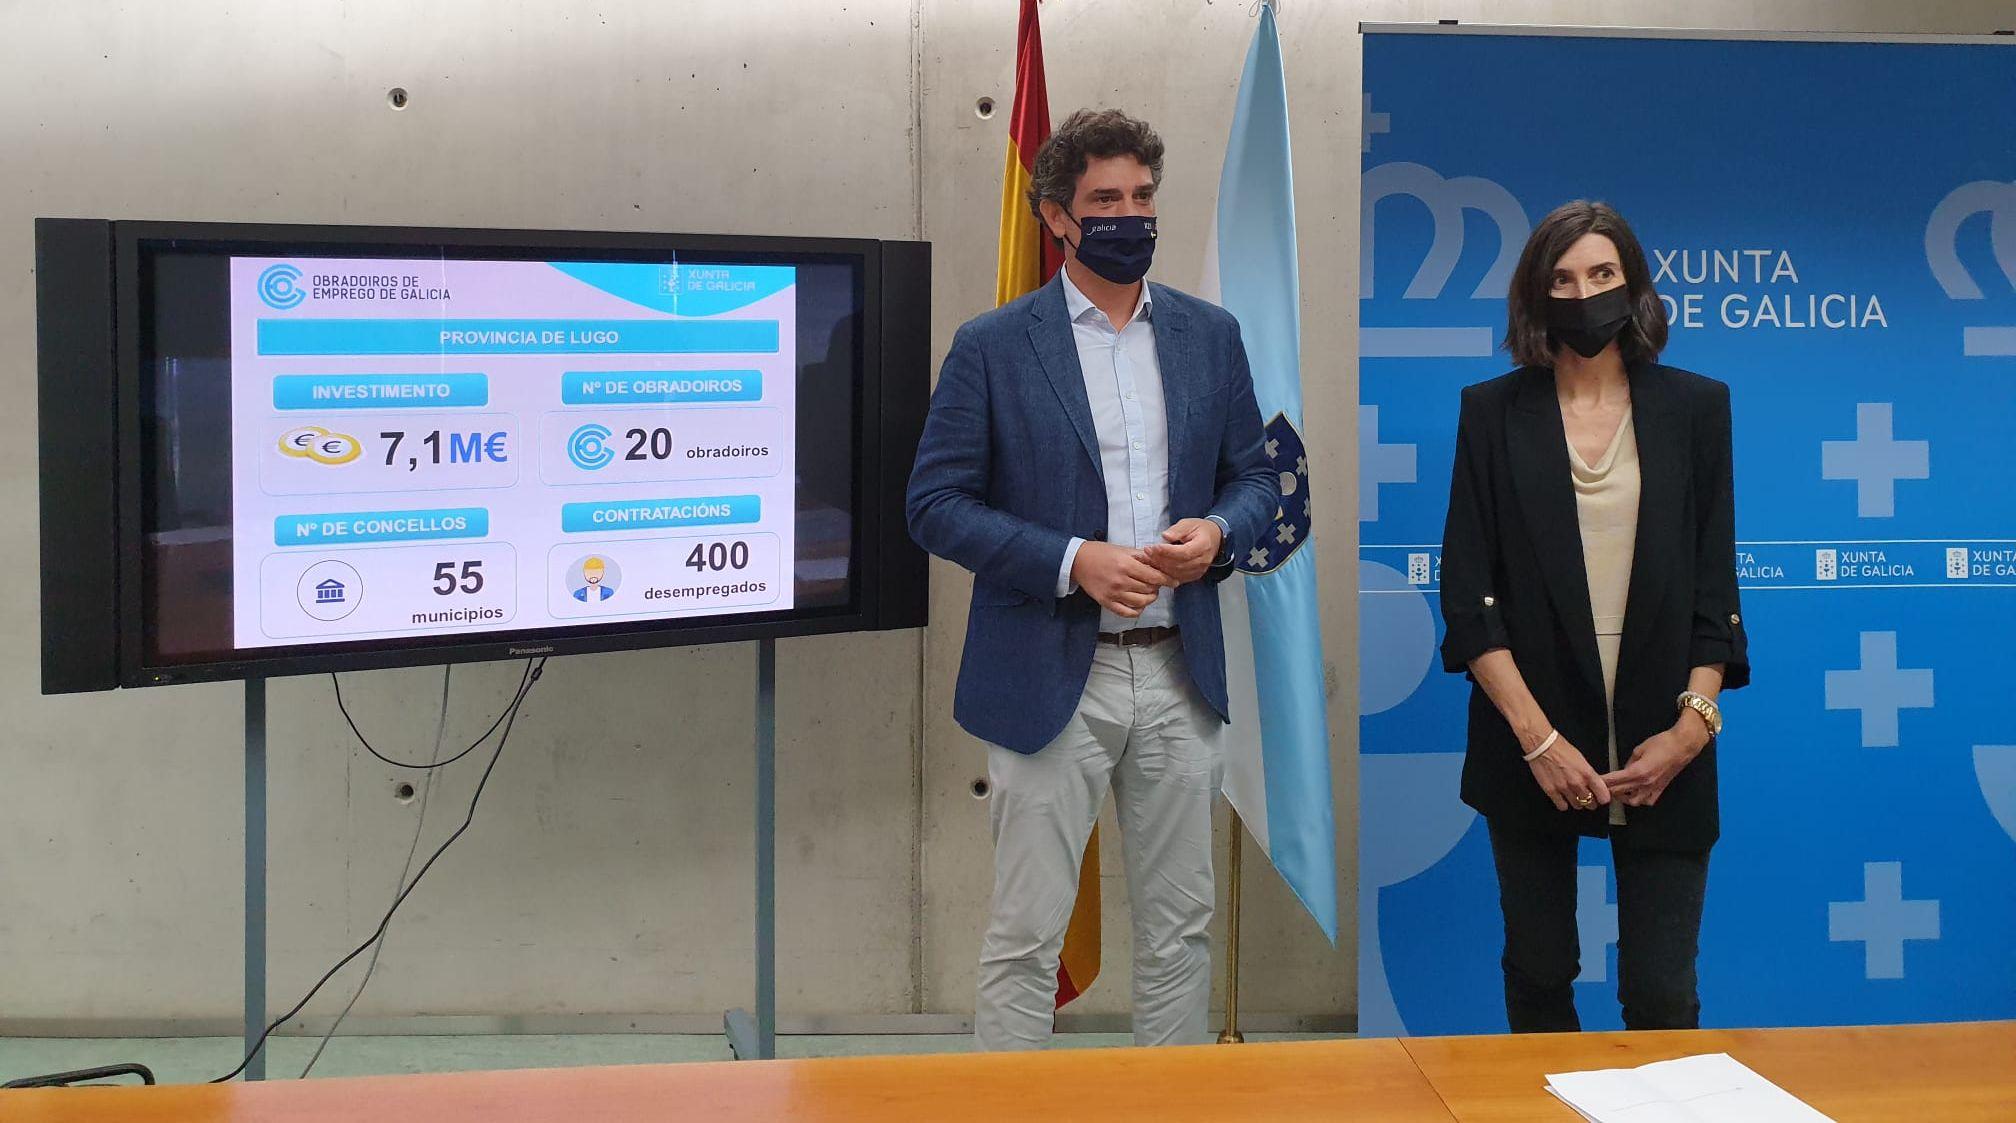 A Xunta financiará cinco obradoiros duais de emprego promovidos por concellos da Mariña cun investimento de 1,7 M€